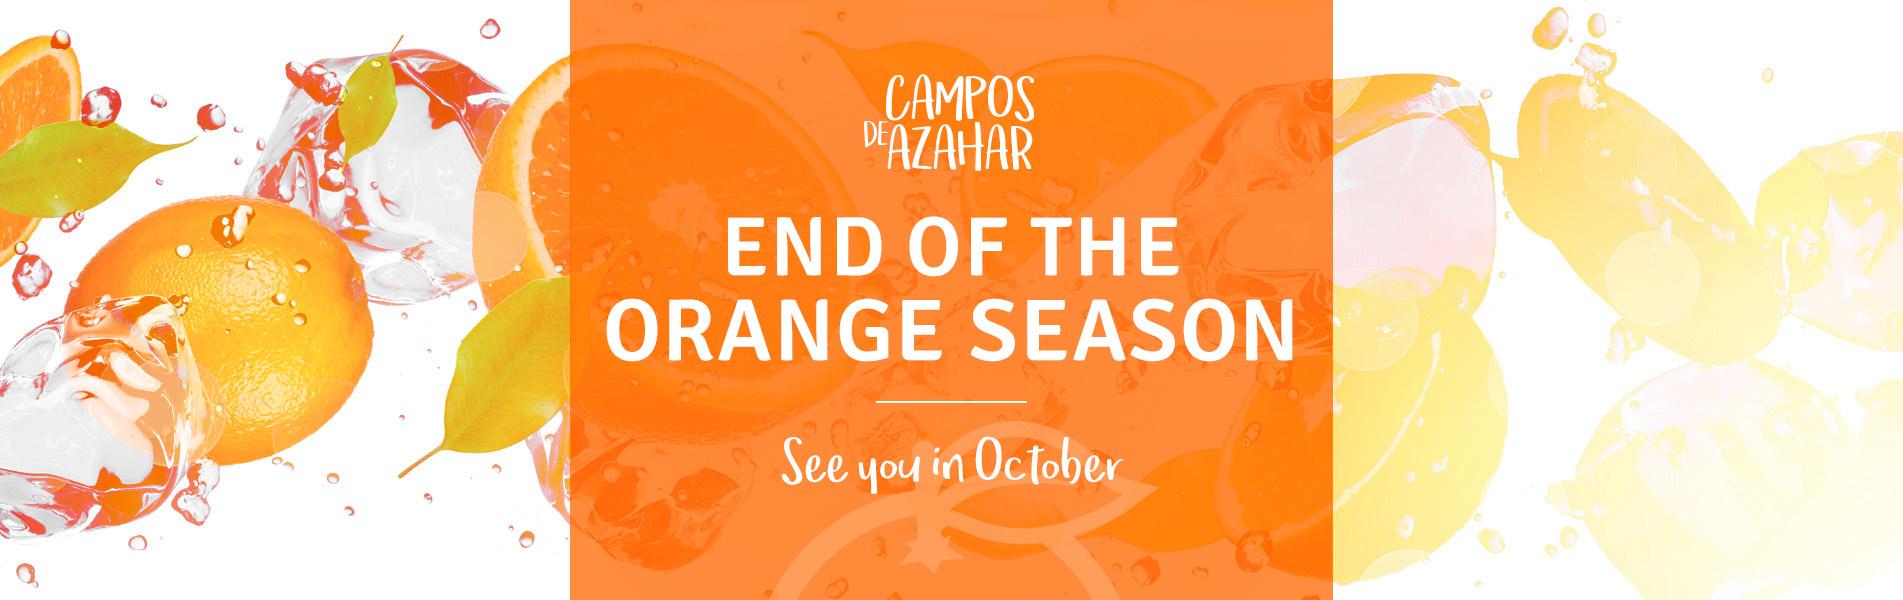 fin temporada naranjas ingles - campos de azahar